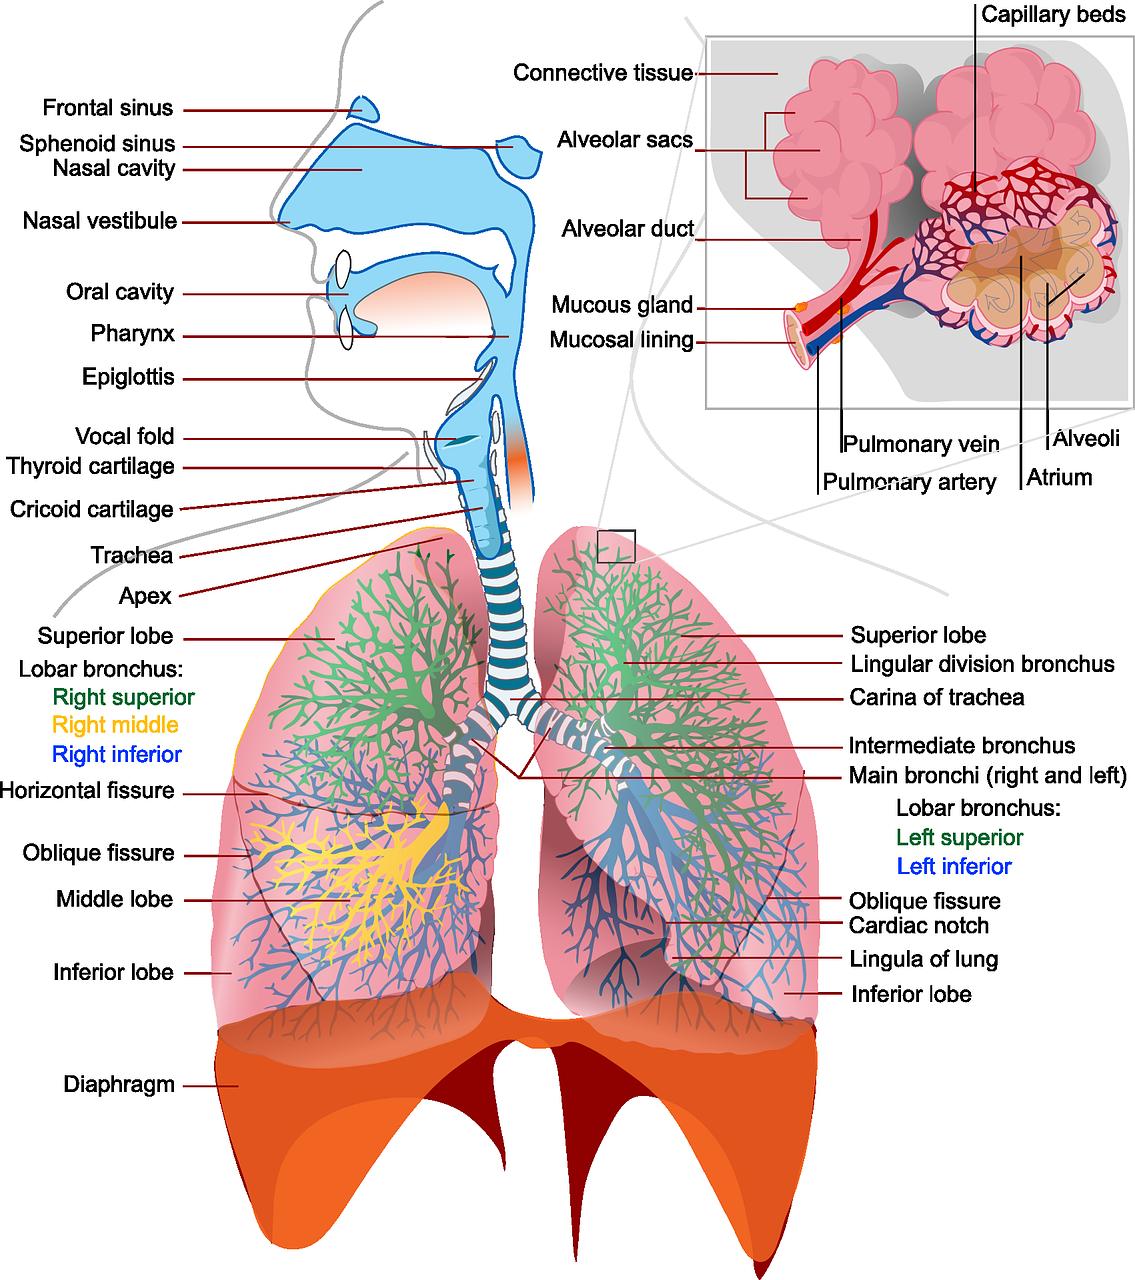 Pathologische Anatomie mit Lungenembolie